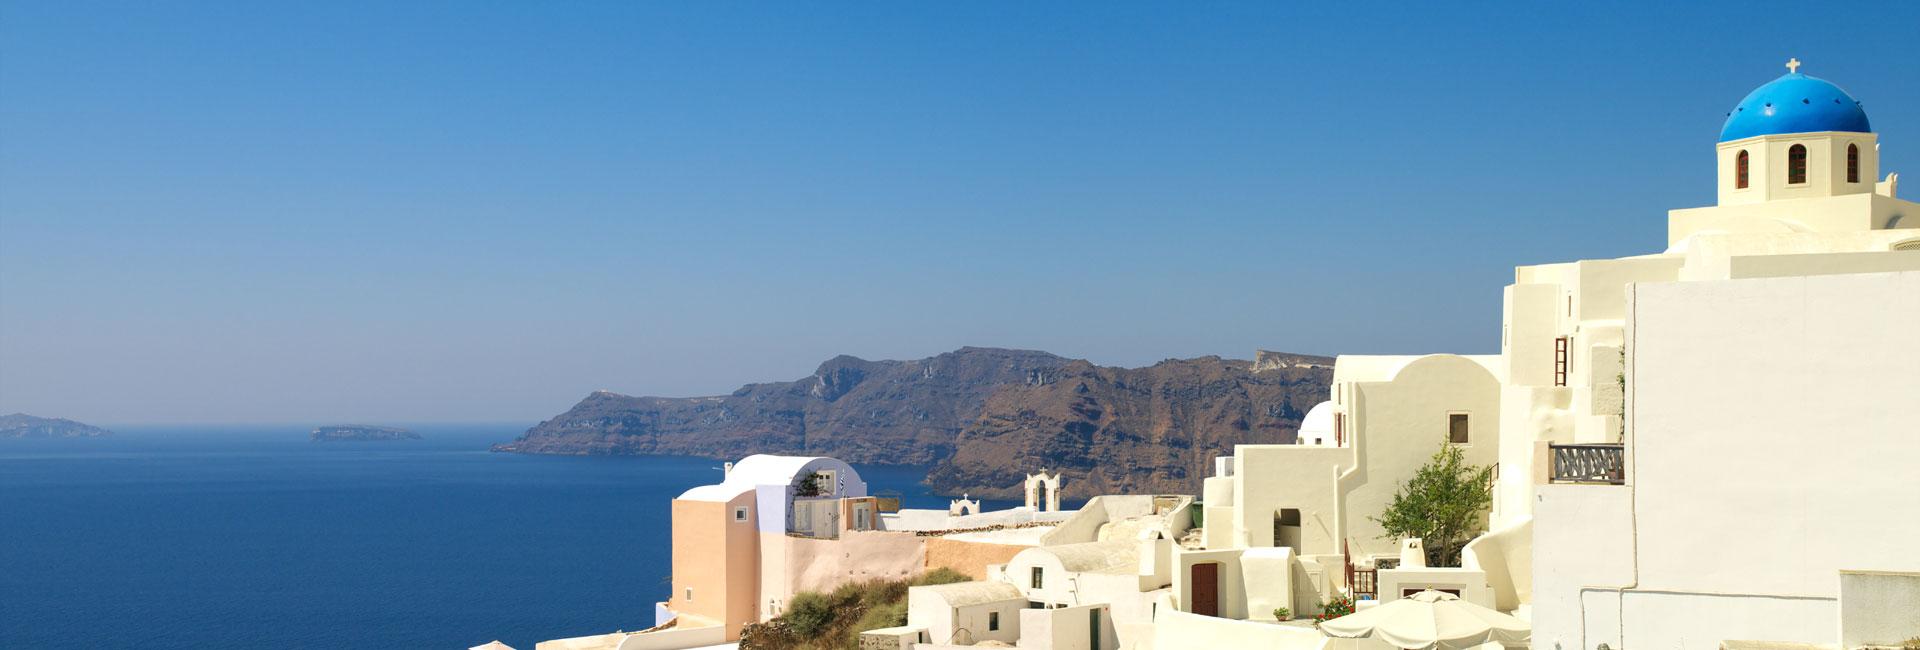 יוון - מיתולוגיה, תרבות ומוסיקה